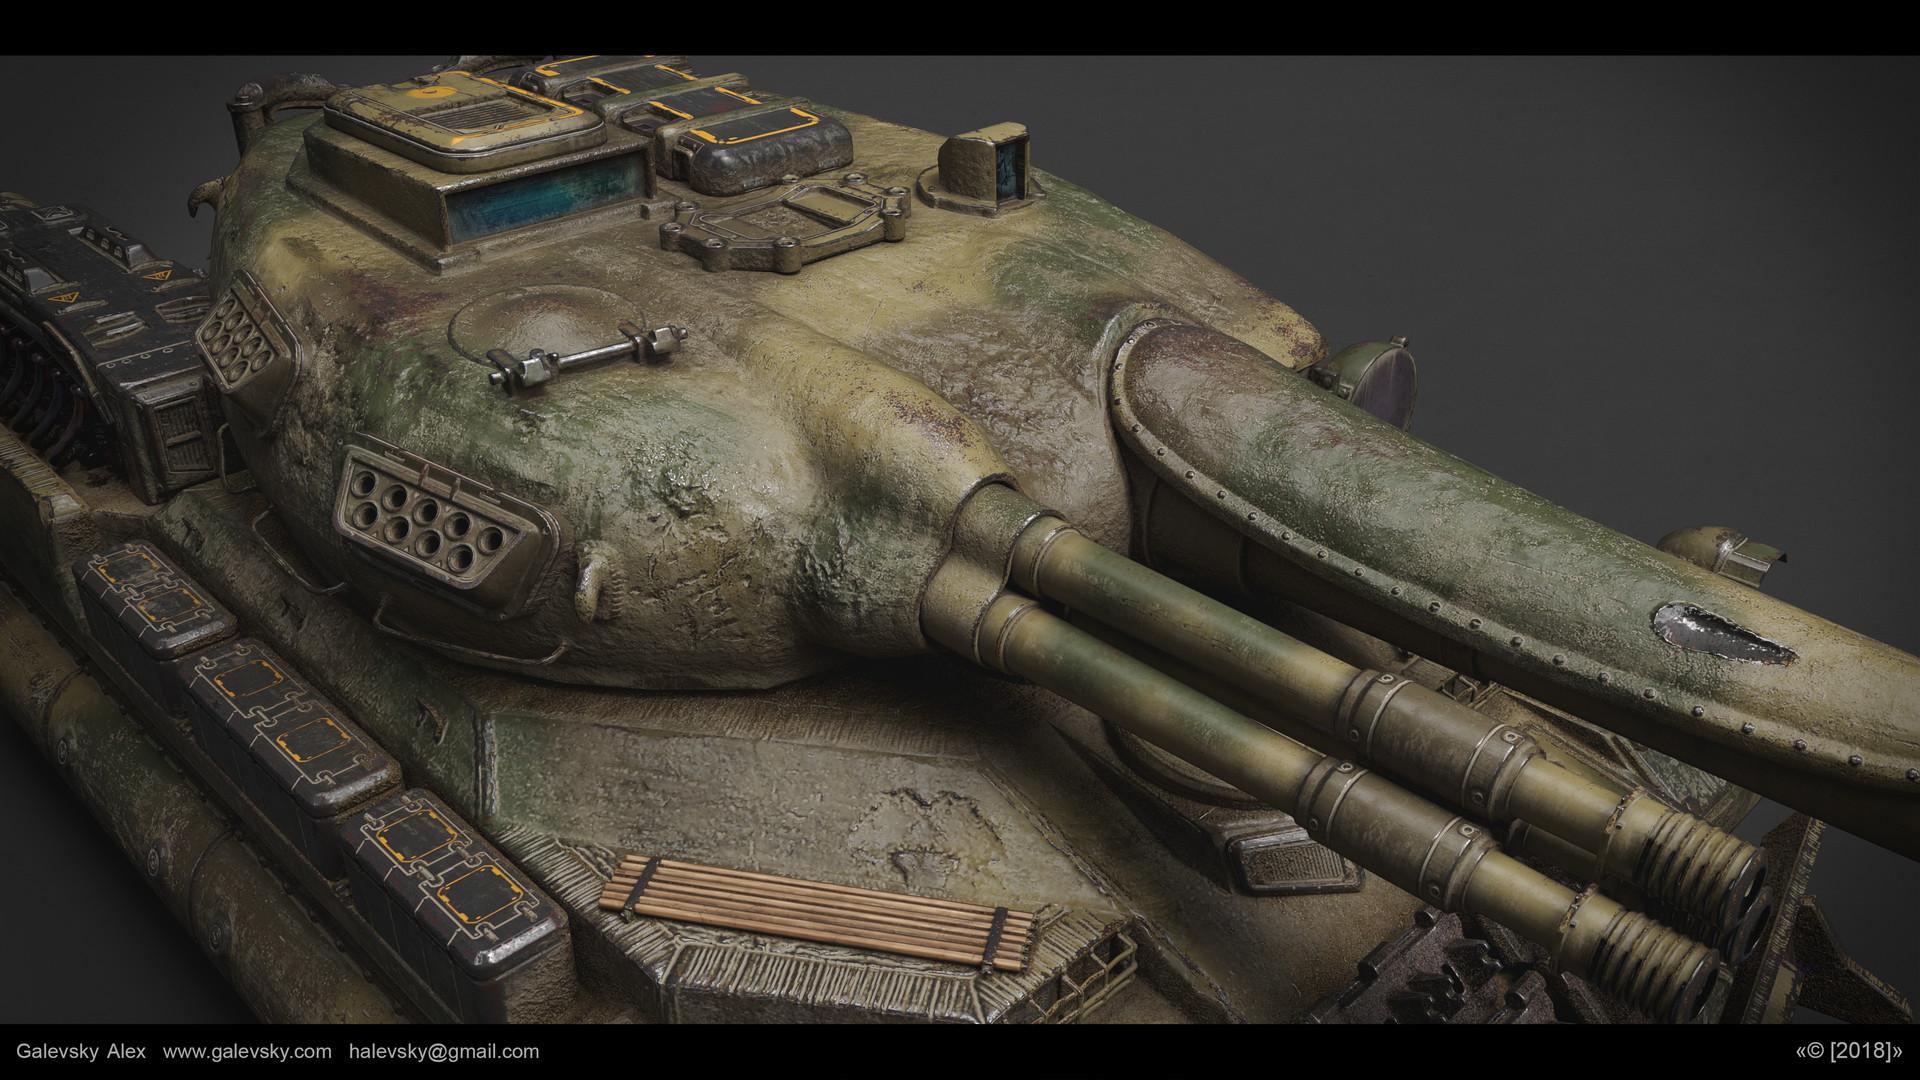 Aleksander galevskyi model 05